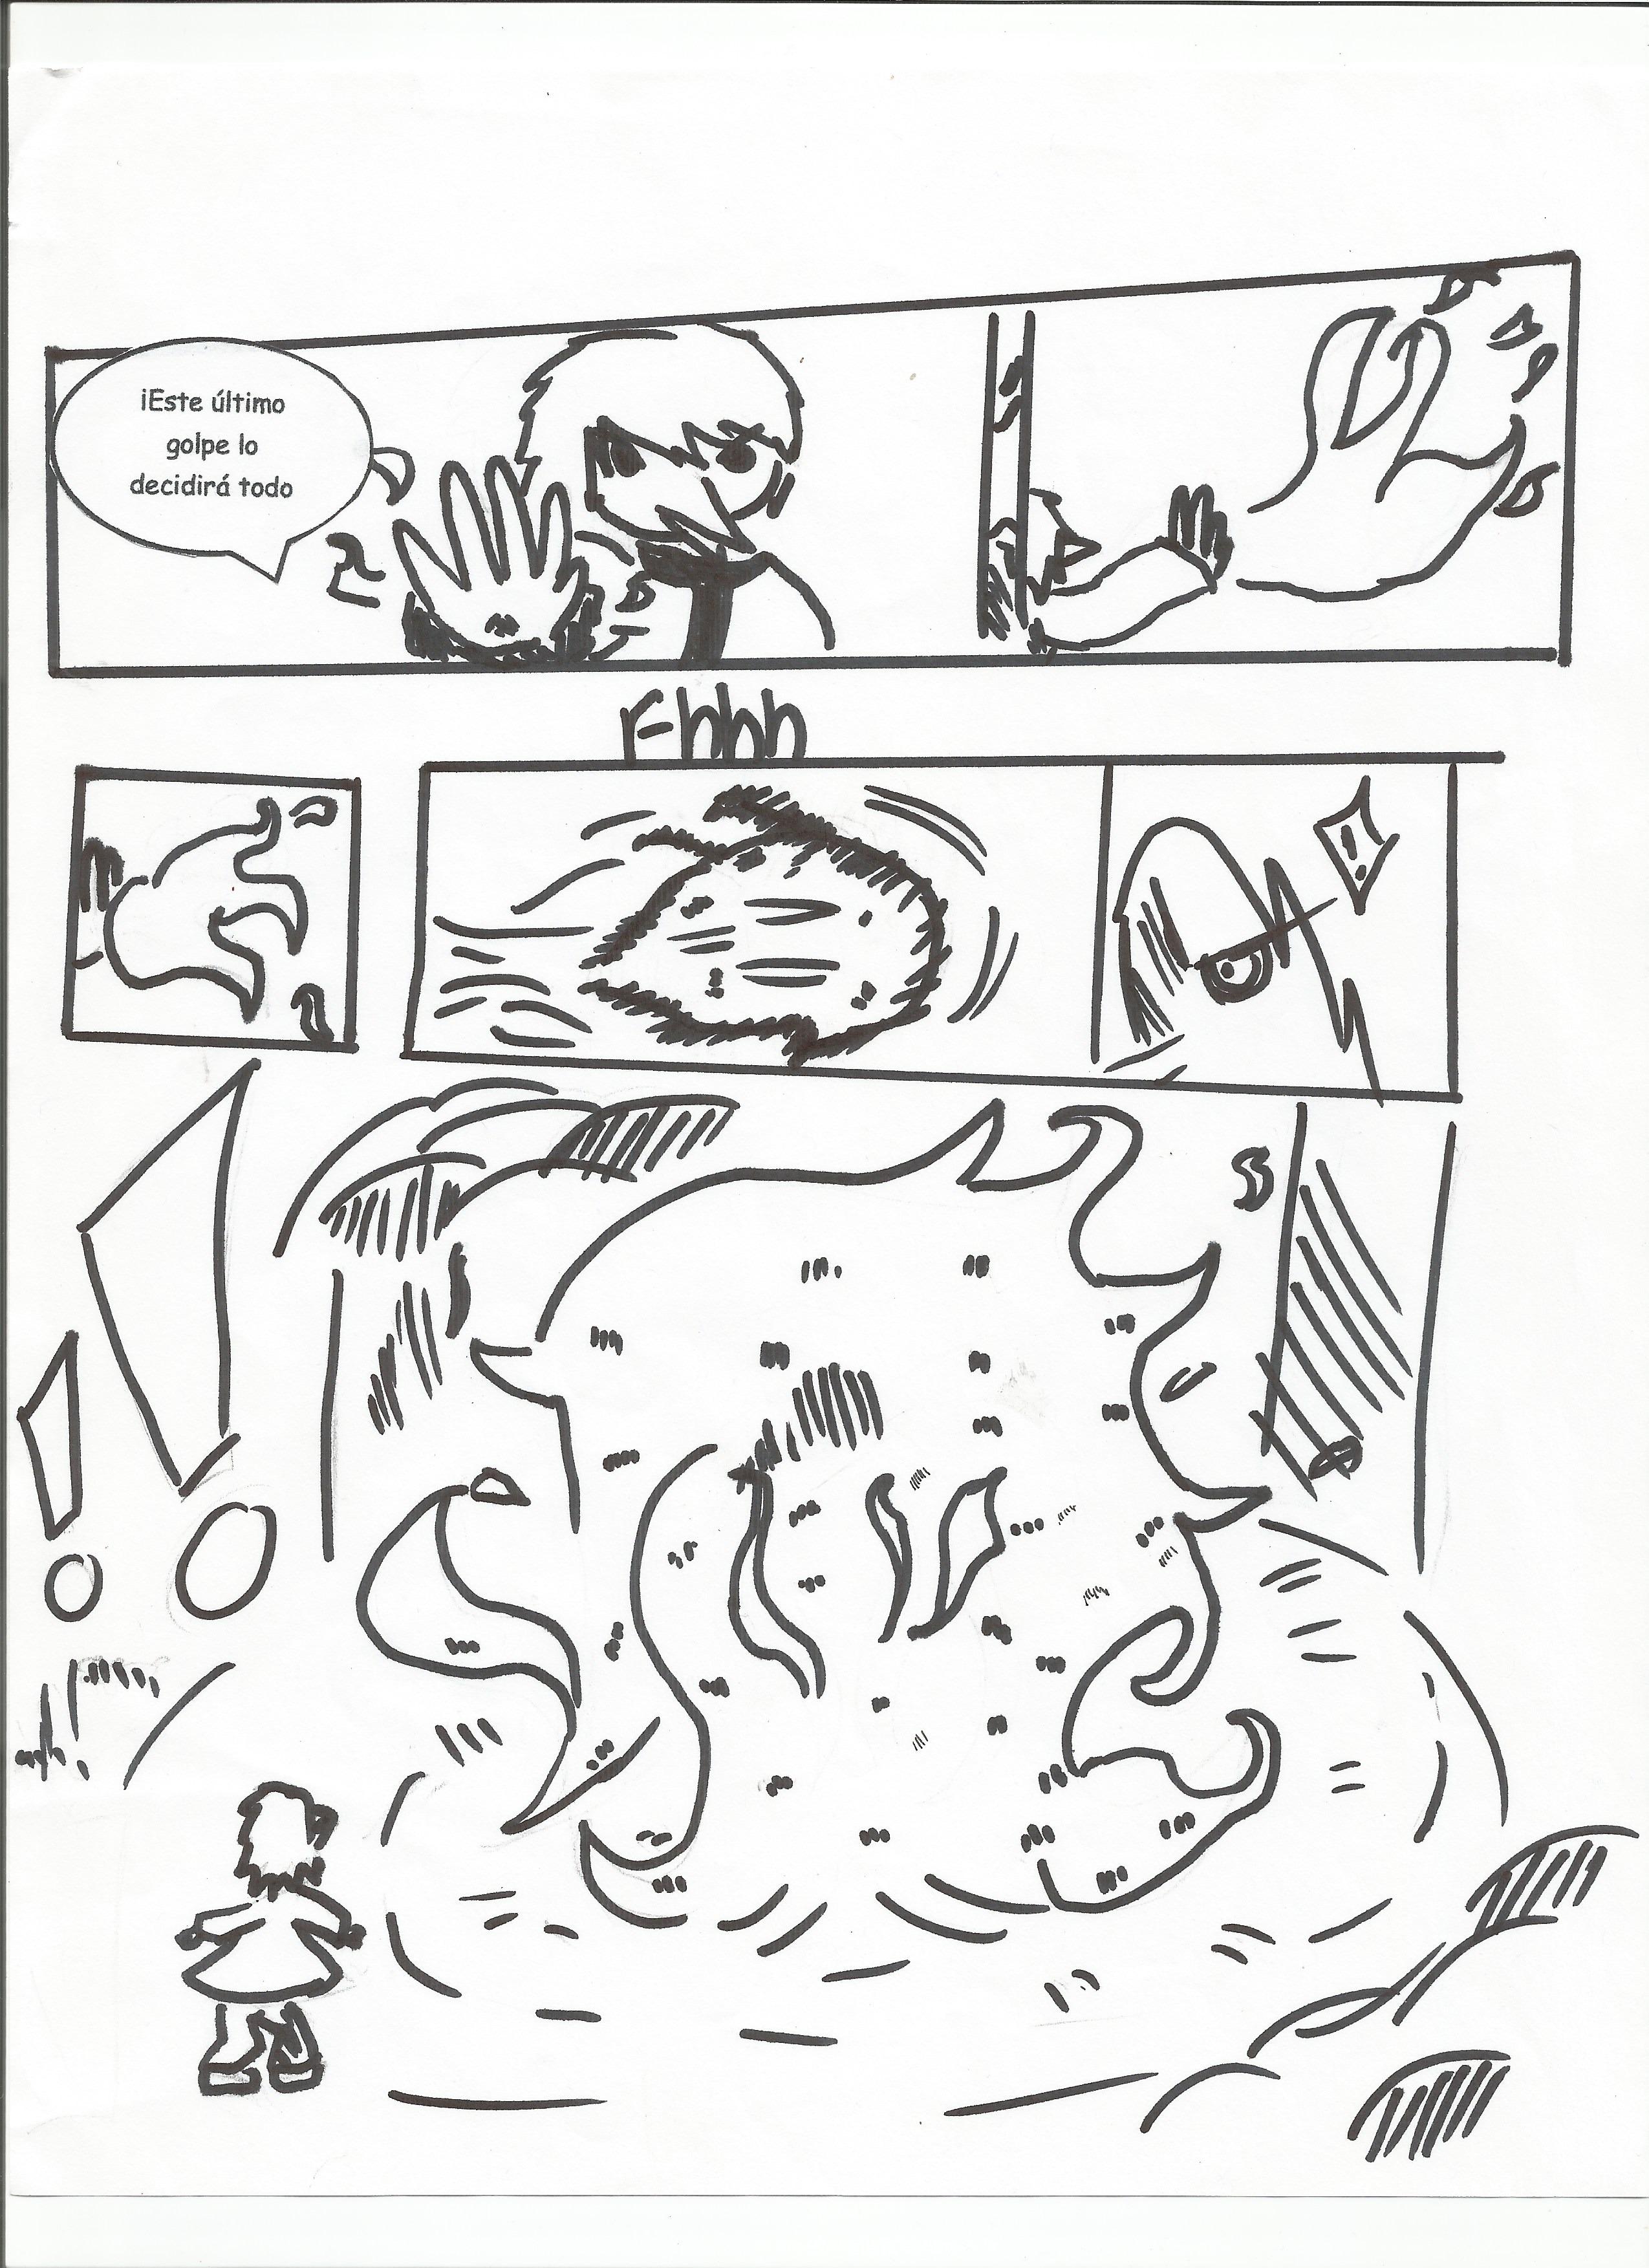 https://c9.mangatag.com/es_manga/pic5/8/25352/635425/635425_1_119.jpg Page 2